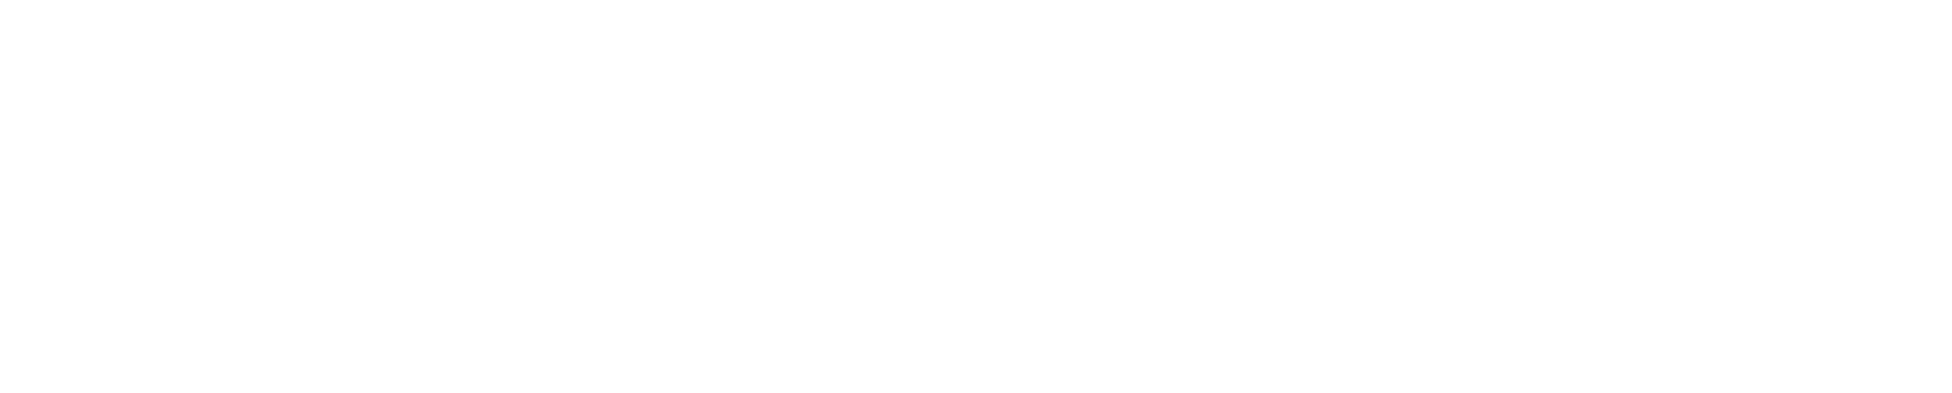 BOWL DE L'AUTOMNE